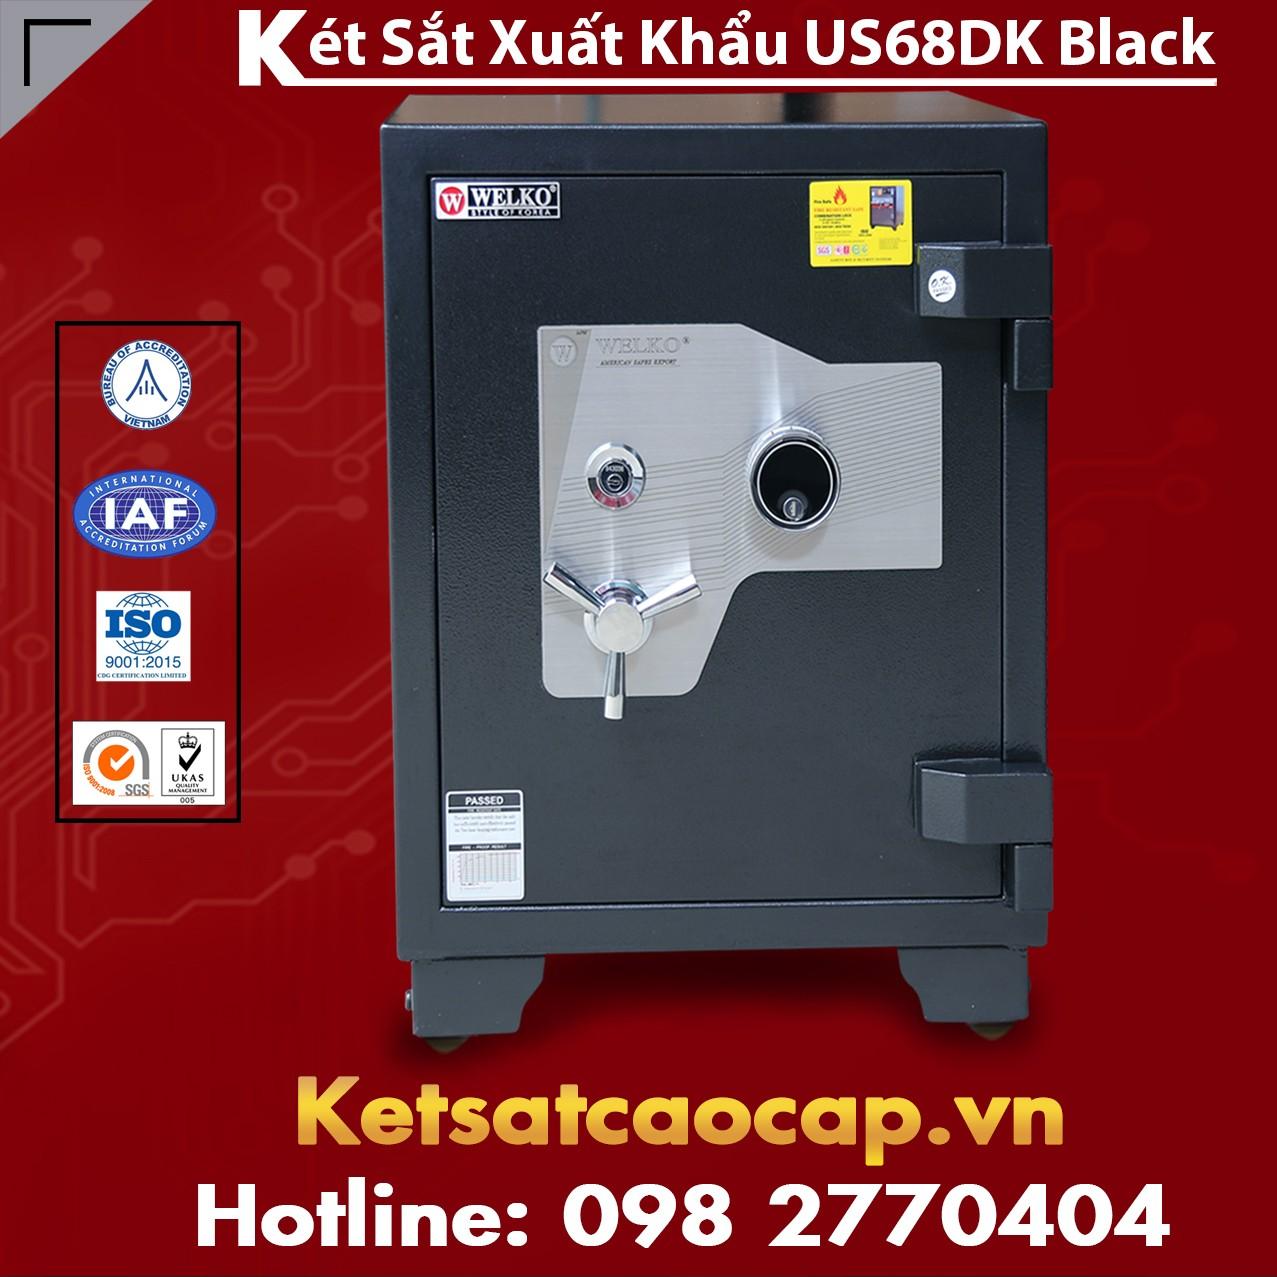 Két Sắt Xuất Khẩu US68 DK Black Vững Chắc Chống Phá Chống Trộm Cao Cấp